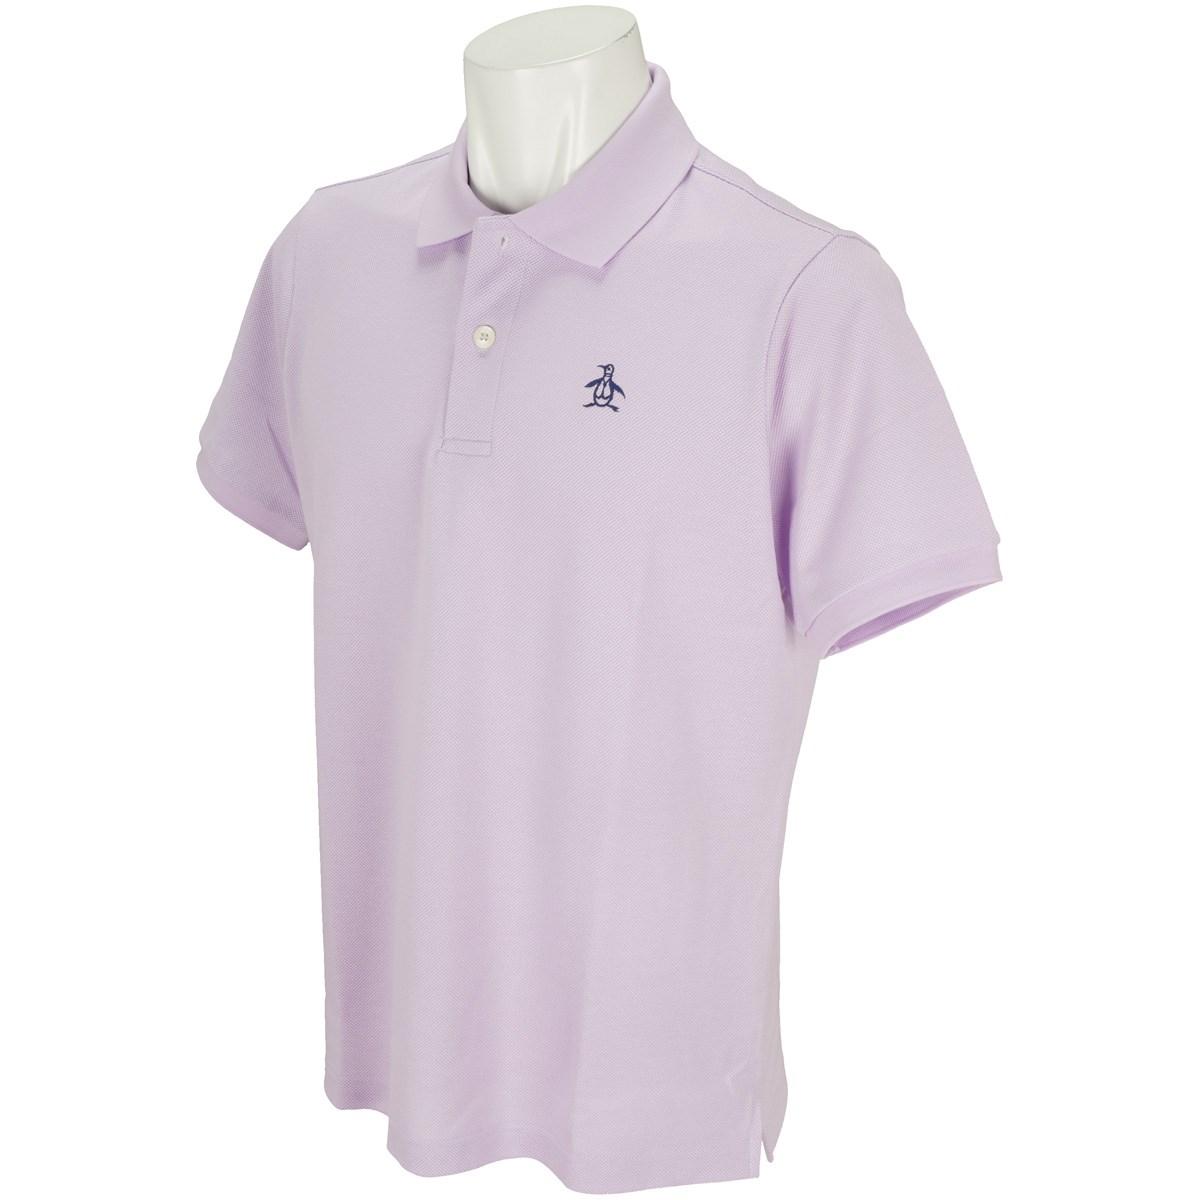 マンシングウェア Munsingwear ONE THING 半袖ポロシャツ L パープル P806